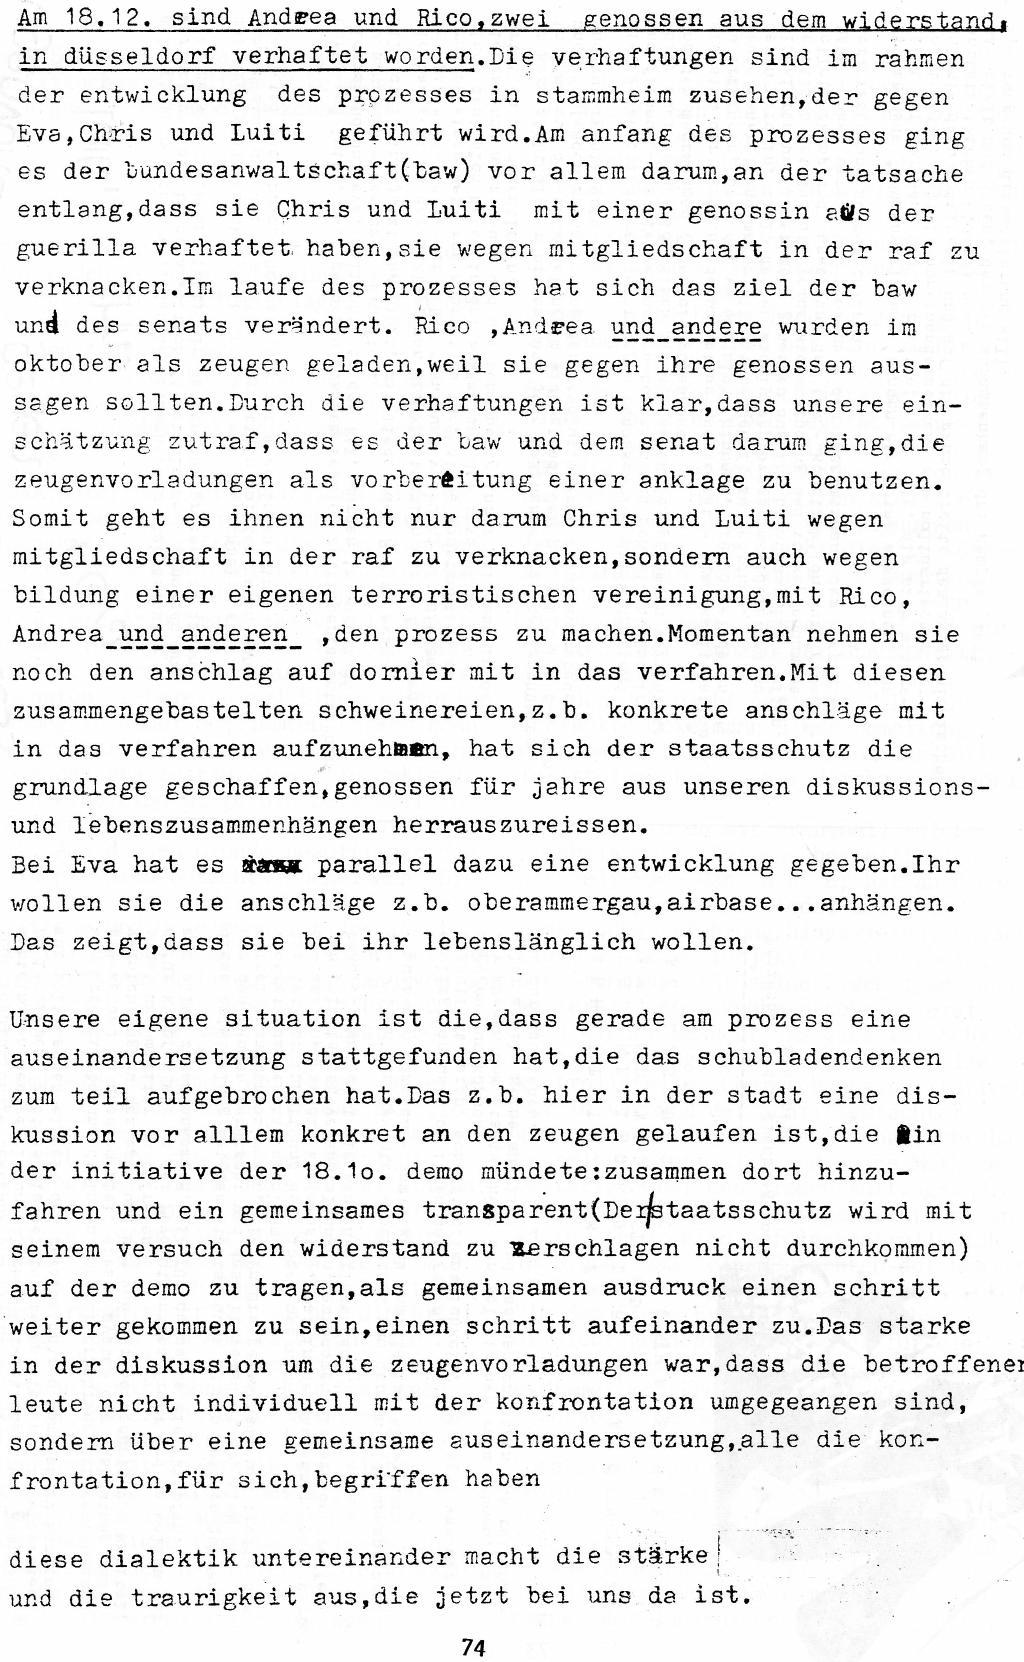 Duesseldorf_1989_Sechs_Politische_Gefangene_074